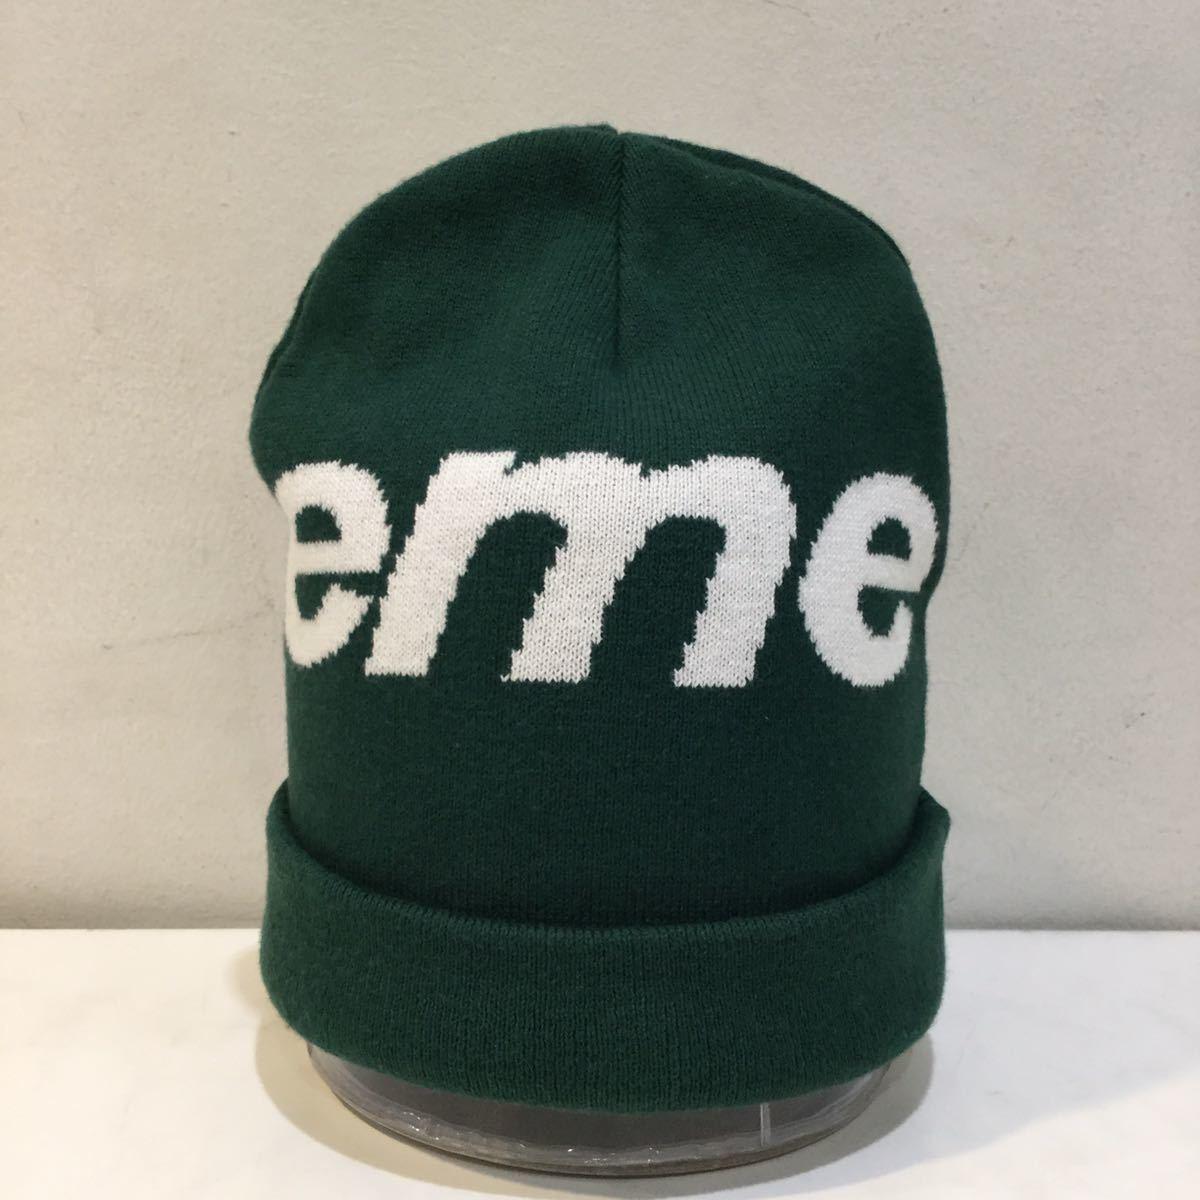 Supreme シュプリーム 2019A/W Big Logo Beanie ビッグロゴ ビーニー ニット帽 カシミヤ混 グリーン_画像3